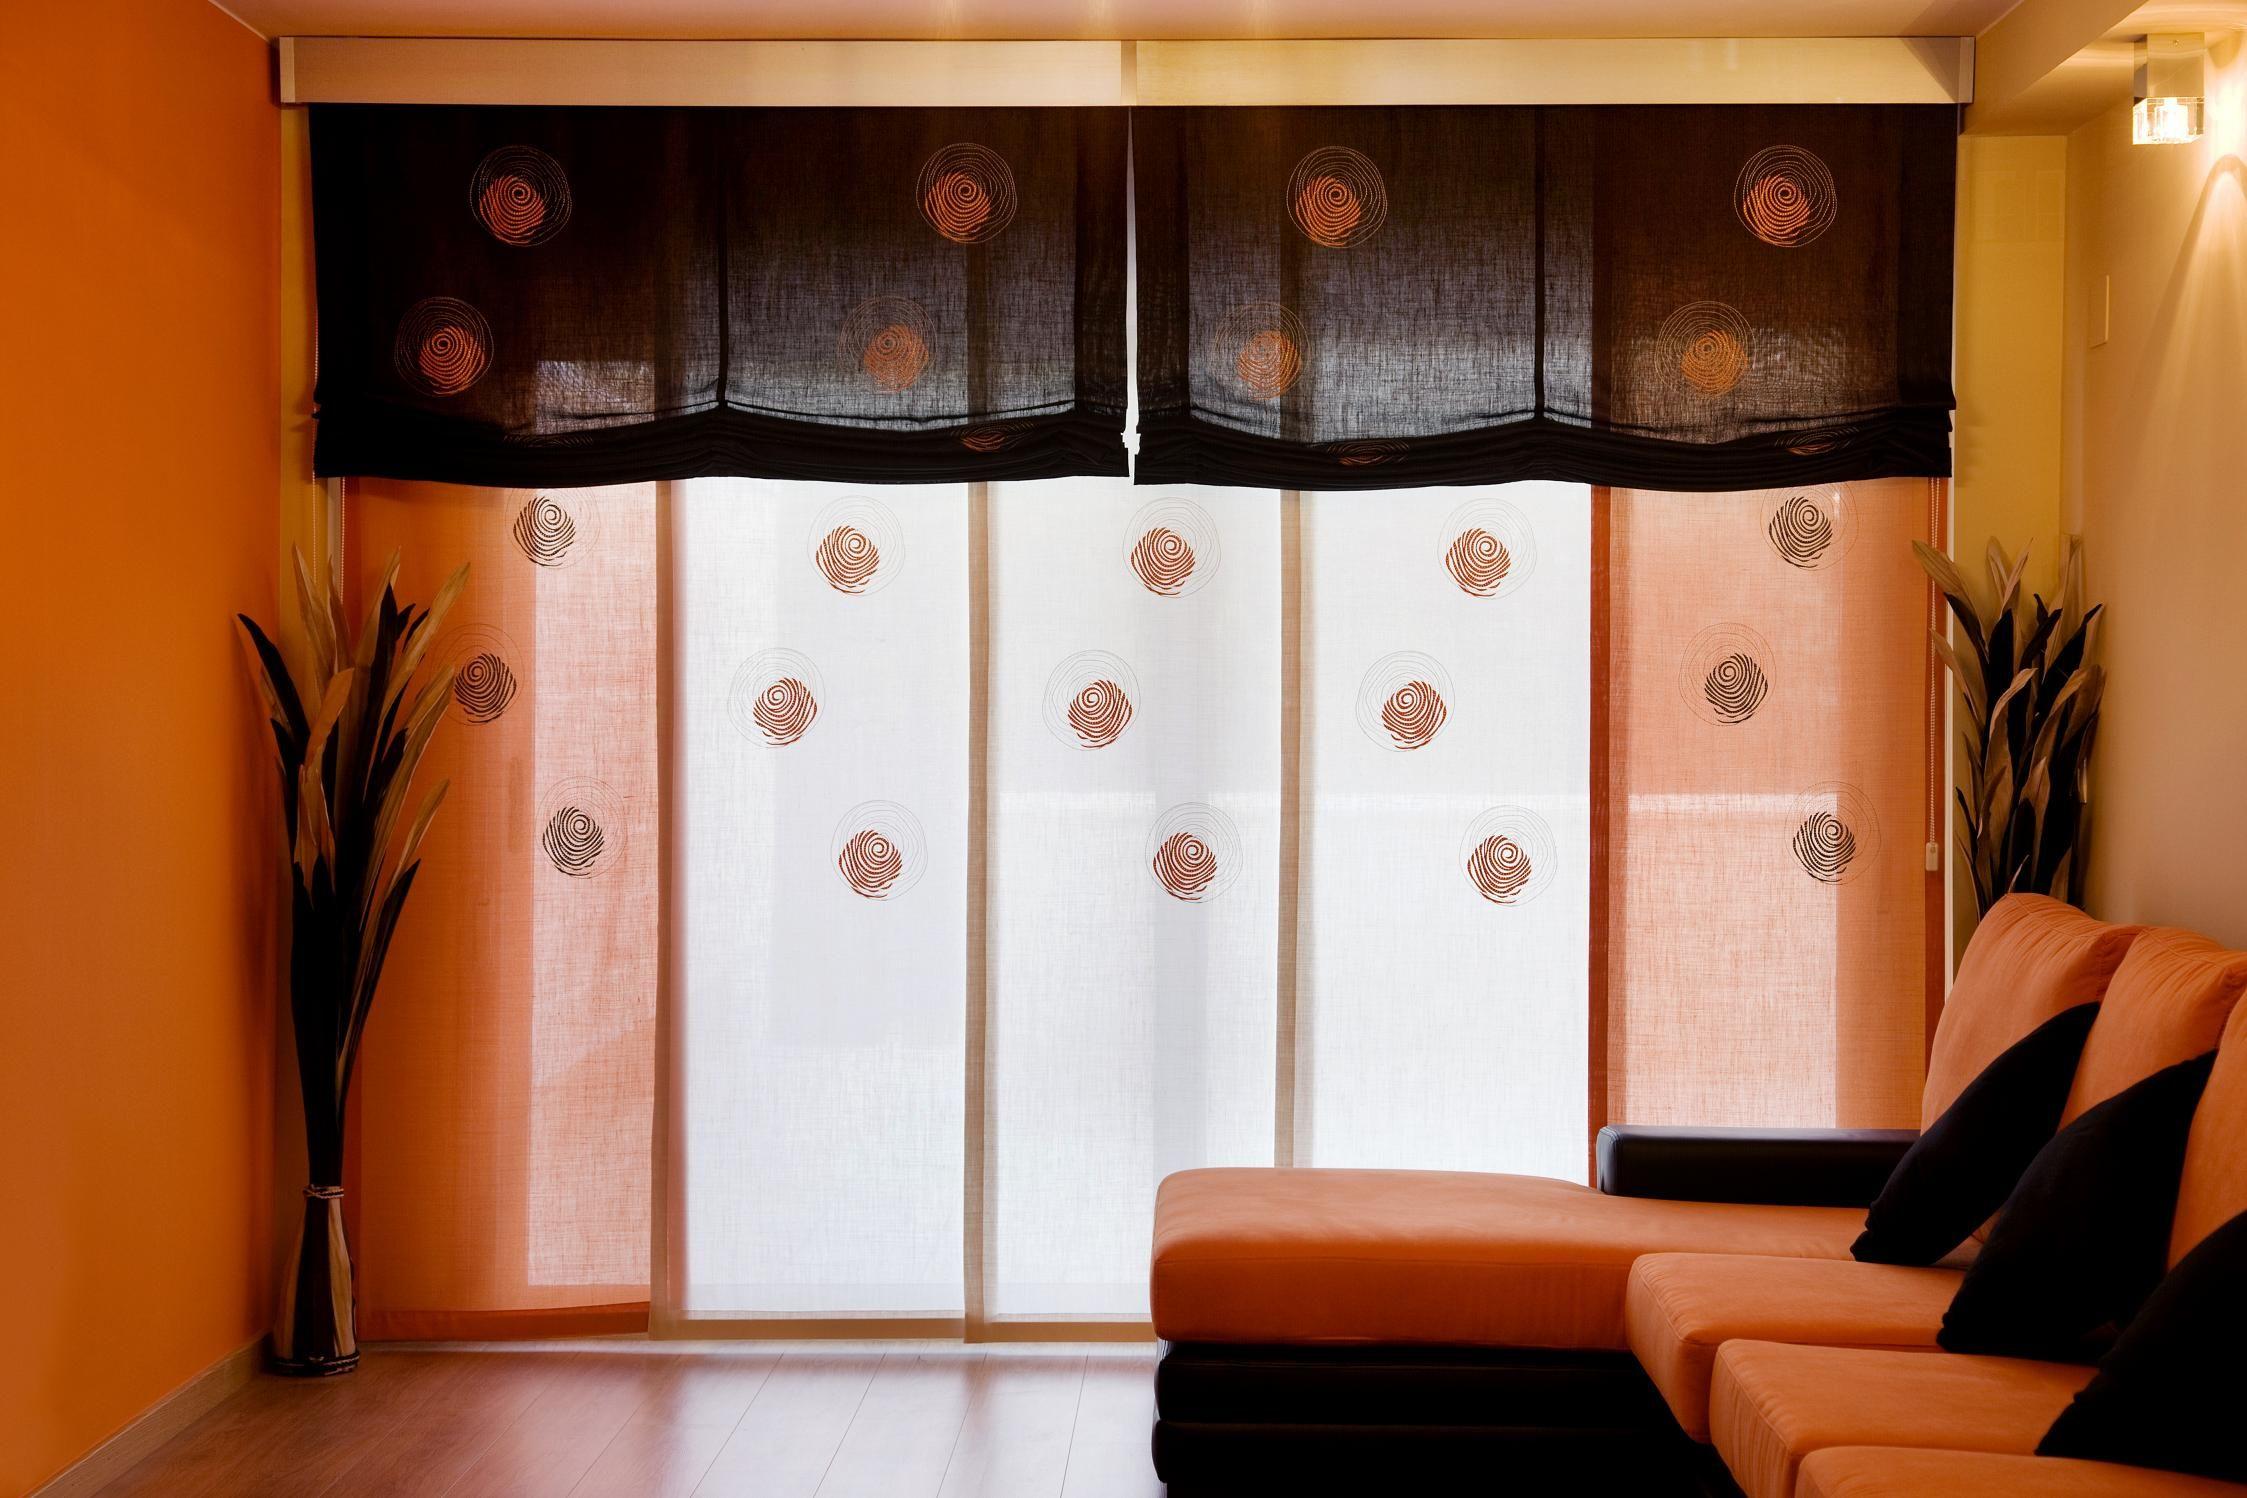 Panel japon s de 5 v as con dobles estores y galer a de - Paneles japoneses fotograficos ...